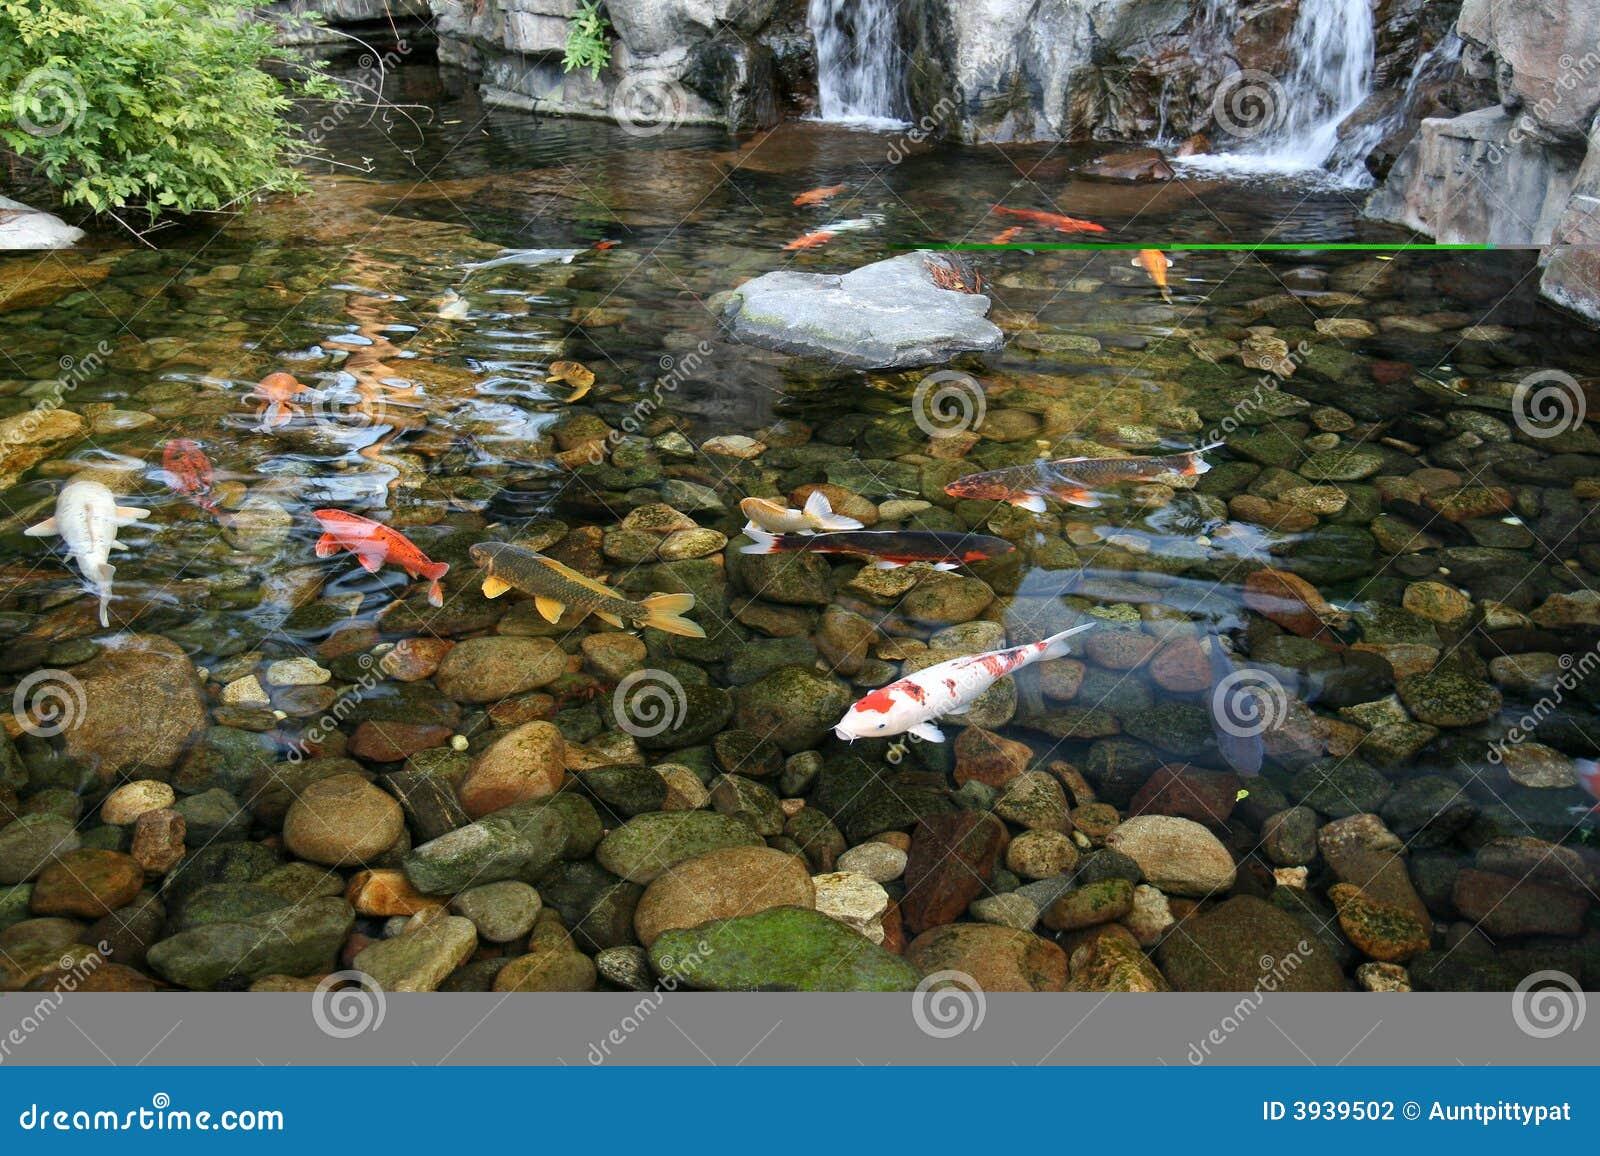 Japanischer Koi Fisch-Teich Stockfotografie - Bild: 3939502